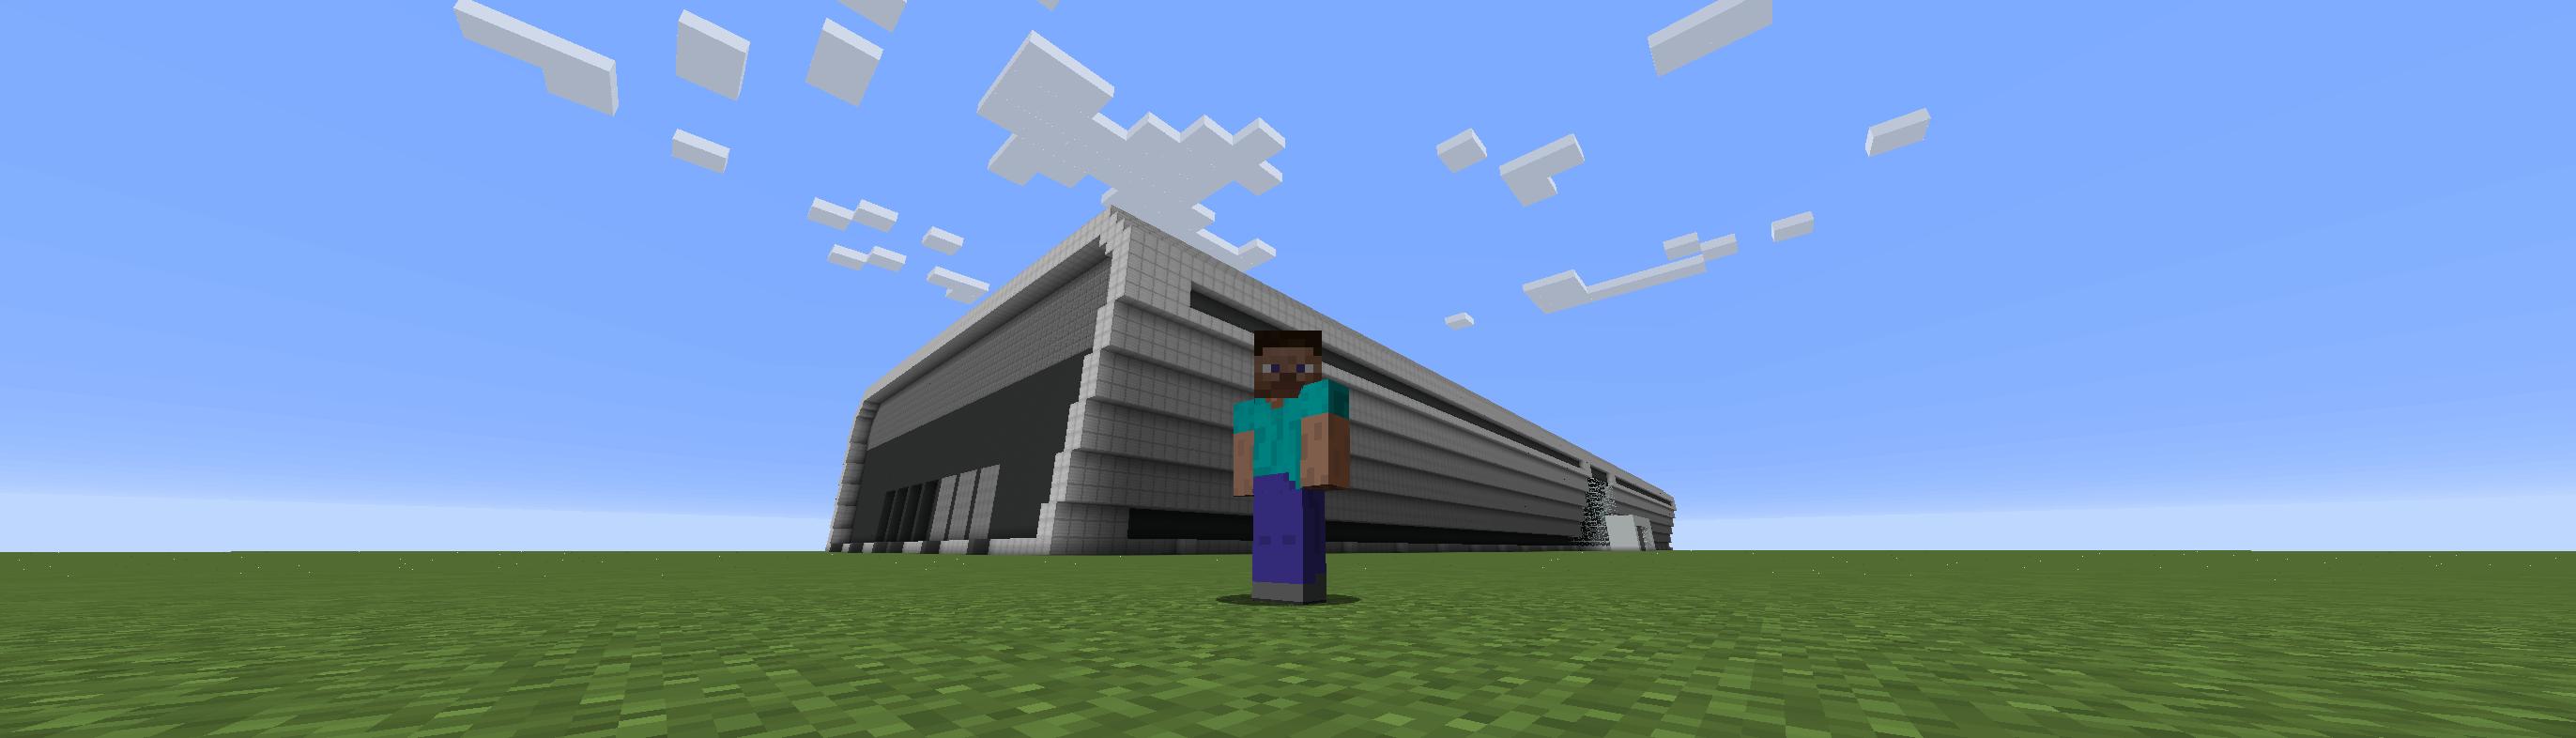 Minecraftで石狩データセンターを建築